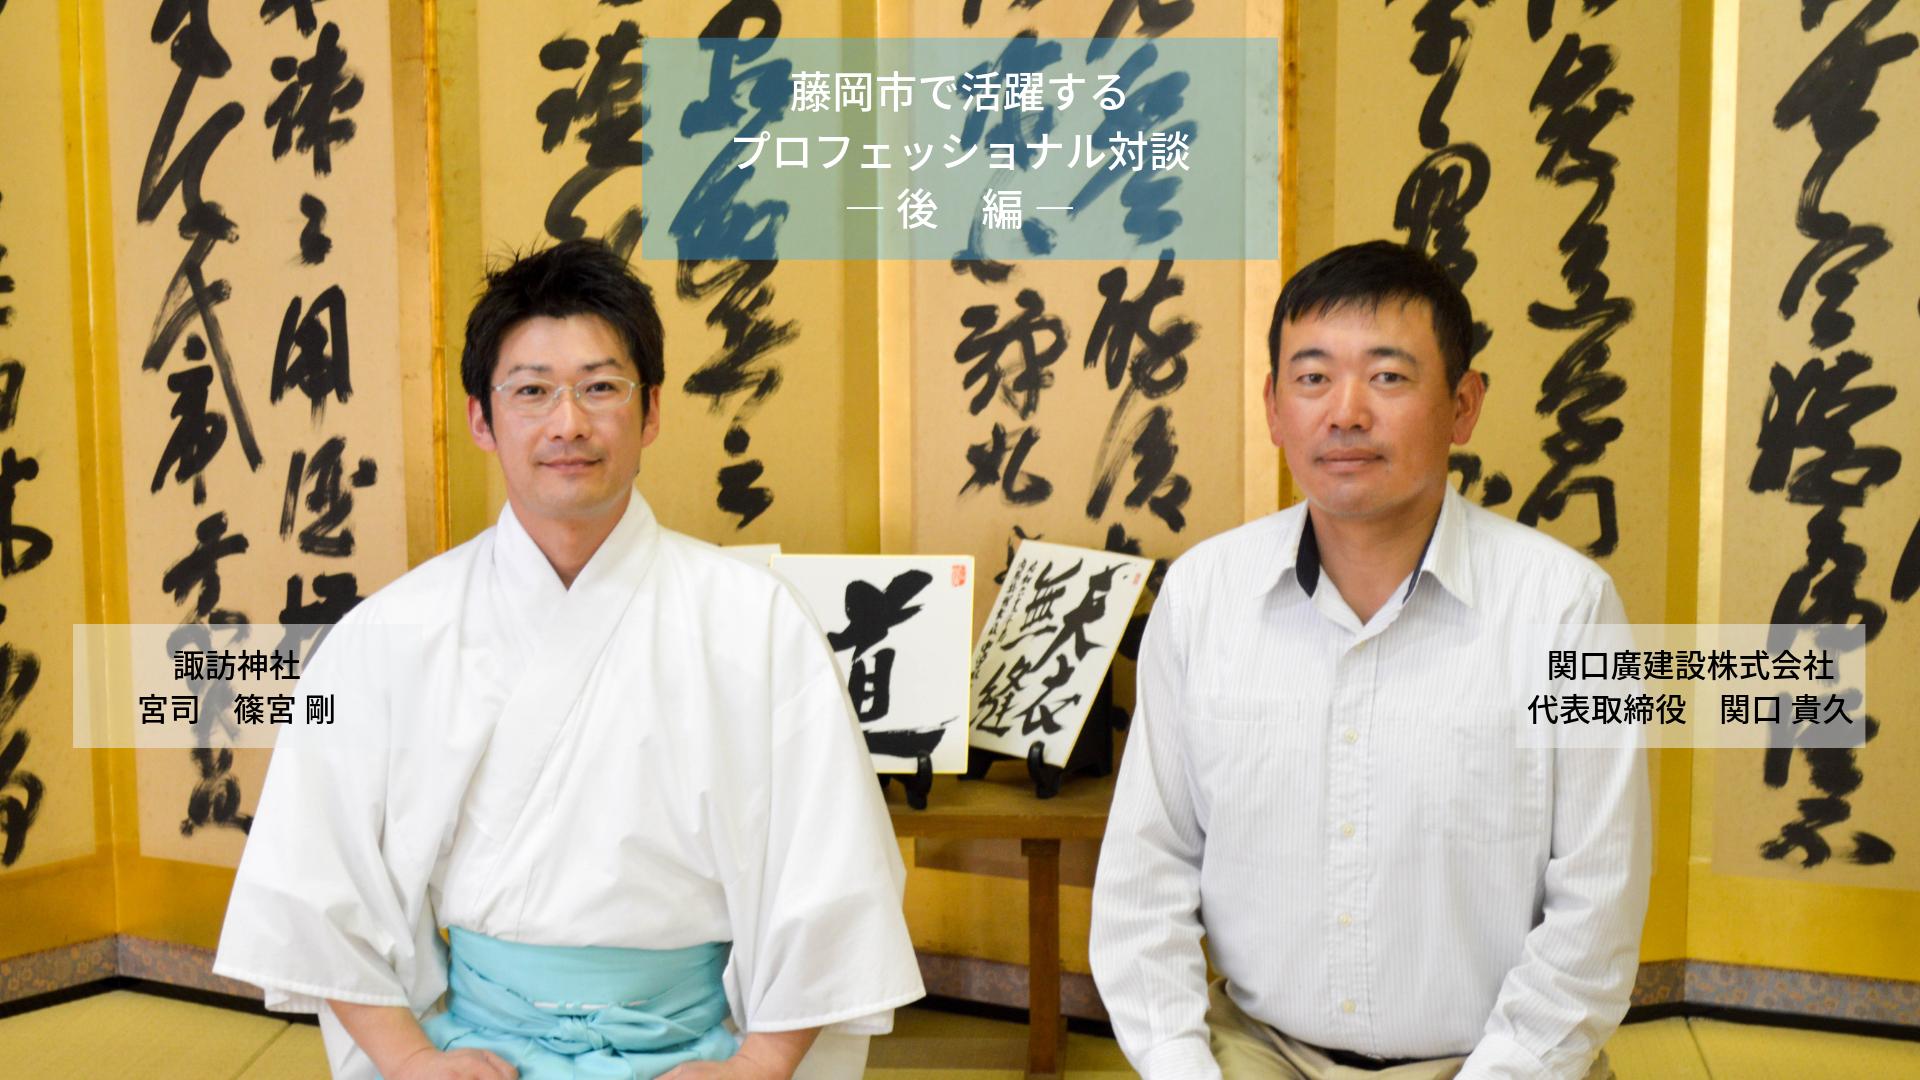 藤岡市で活躍する プロフェッショナル対談 (2)